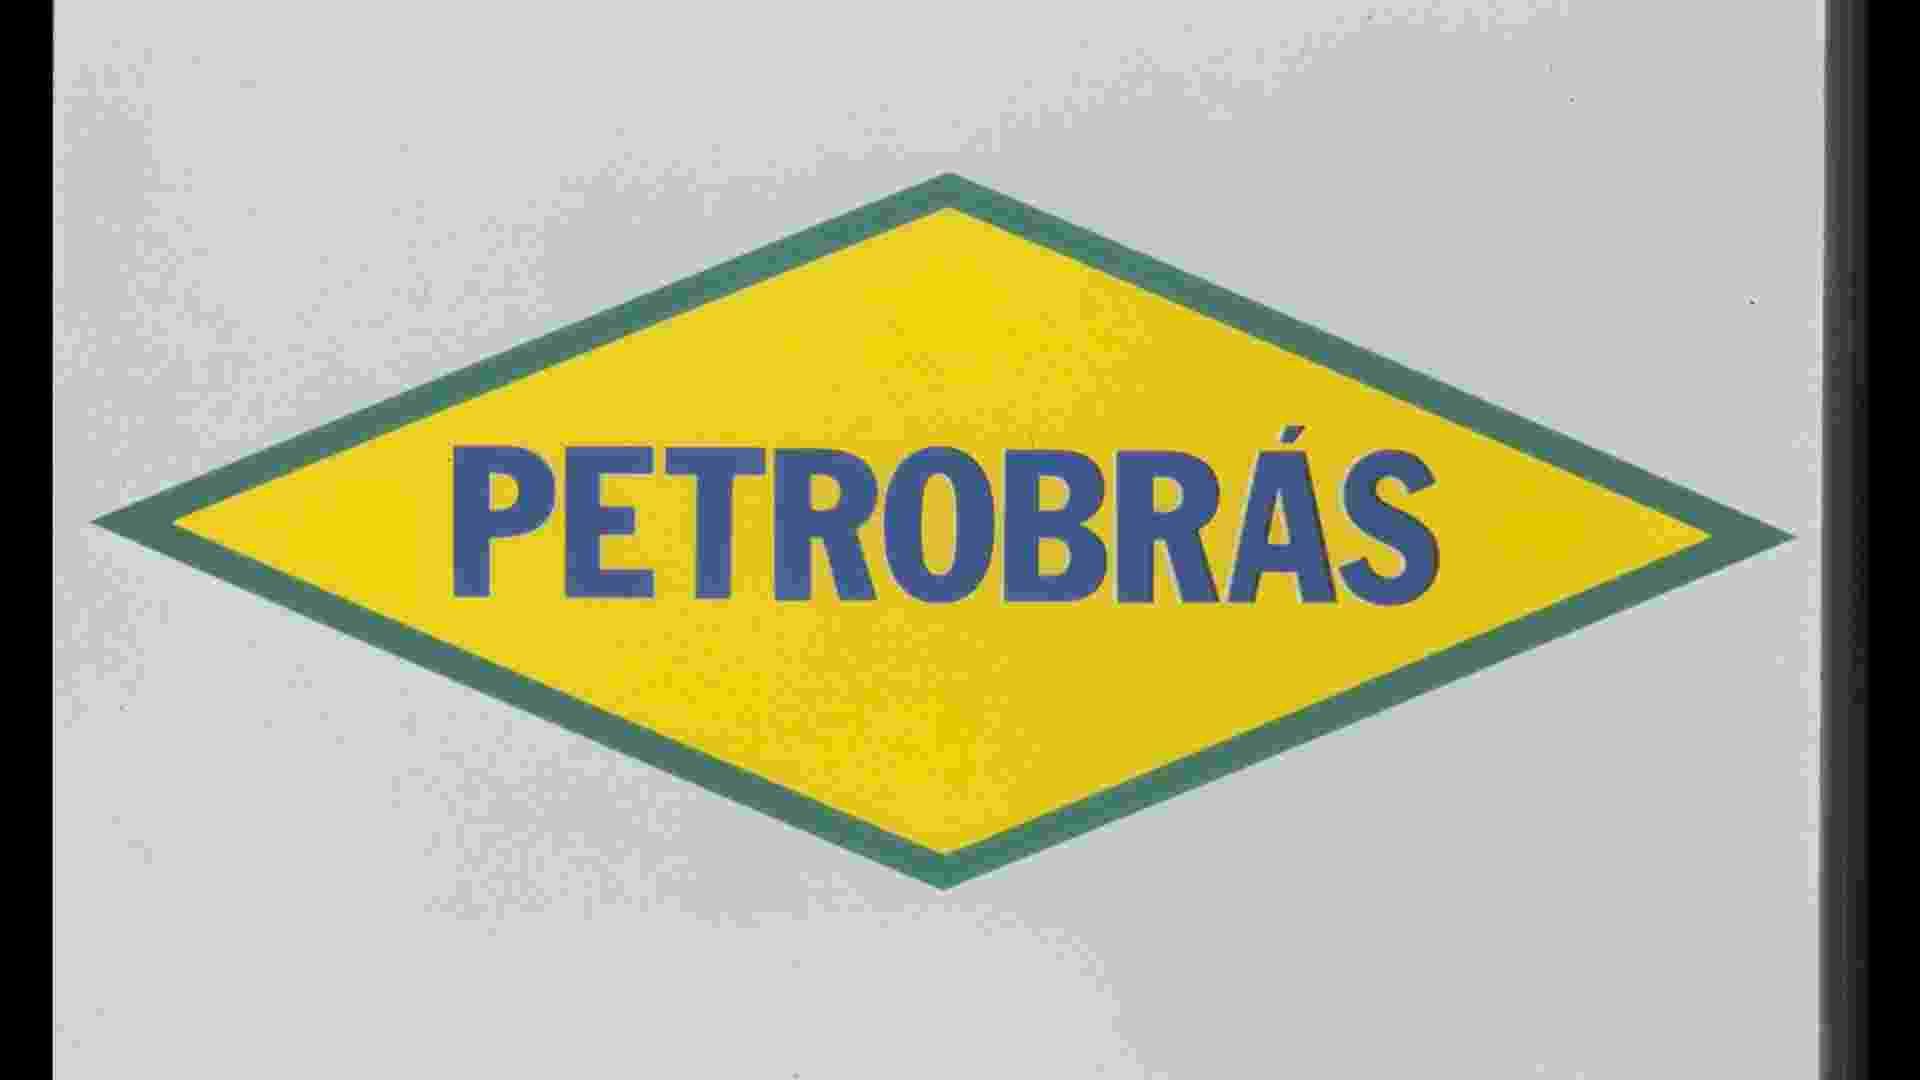 Primeiro logo da Petrobras - Banco de Imagens Petrobras